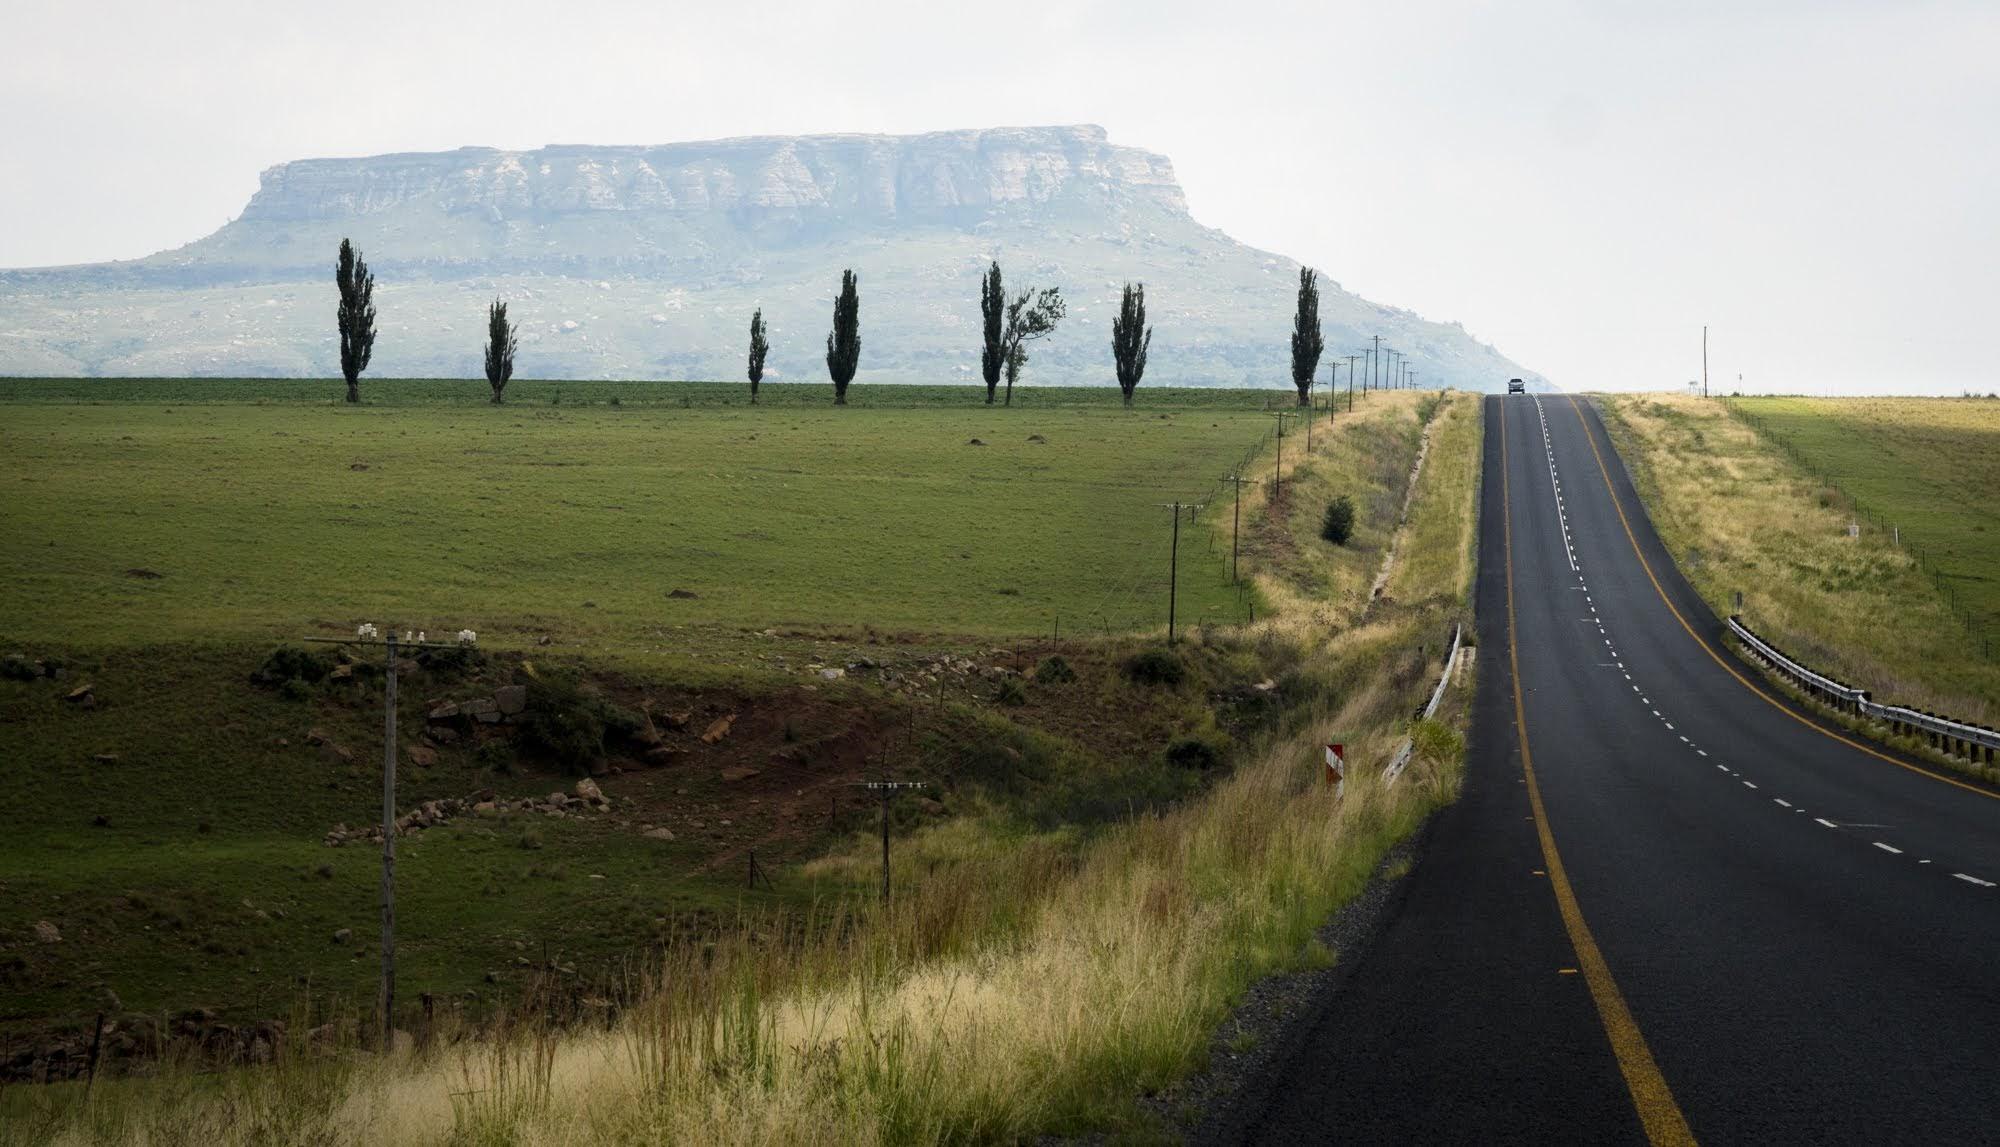 A South Africa roadtrip